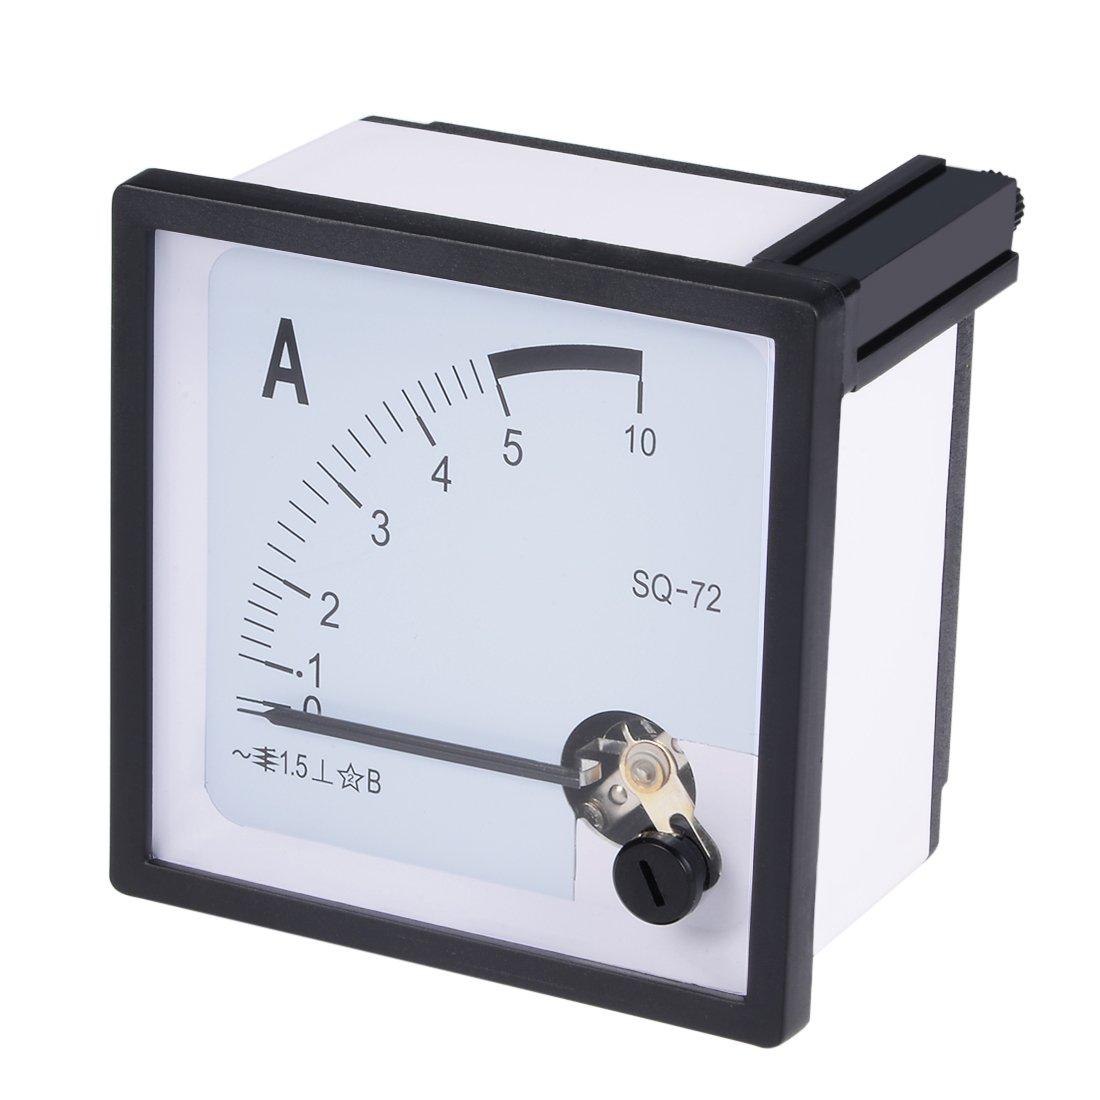 AC0-5A Analog Panneau Amp/èrem/ètre Gauge Ampere Courant M/ètre 44L1 1.5 erreur